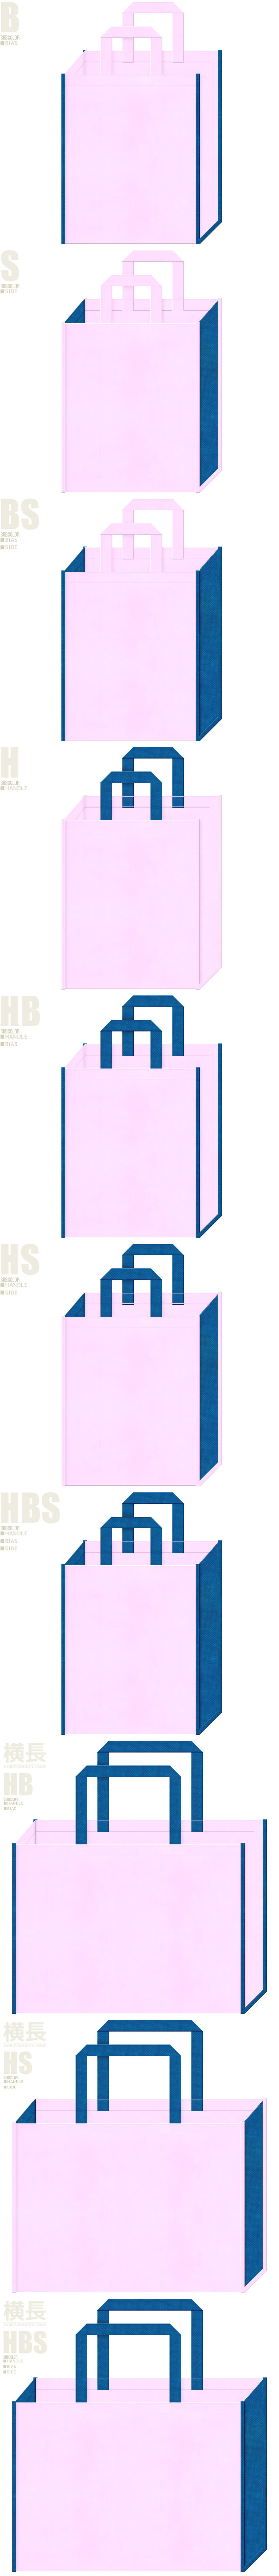 魔法・おもちゃ・絵本・おとぎ話・テーマパーク・キッズイベントにお奨めの不織布バッグデザイン:明るいピンク色と青色の配色7パターン。